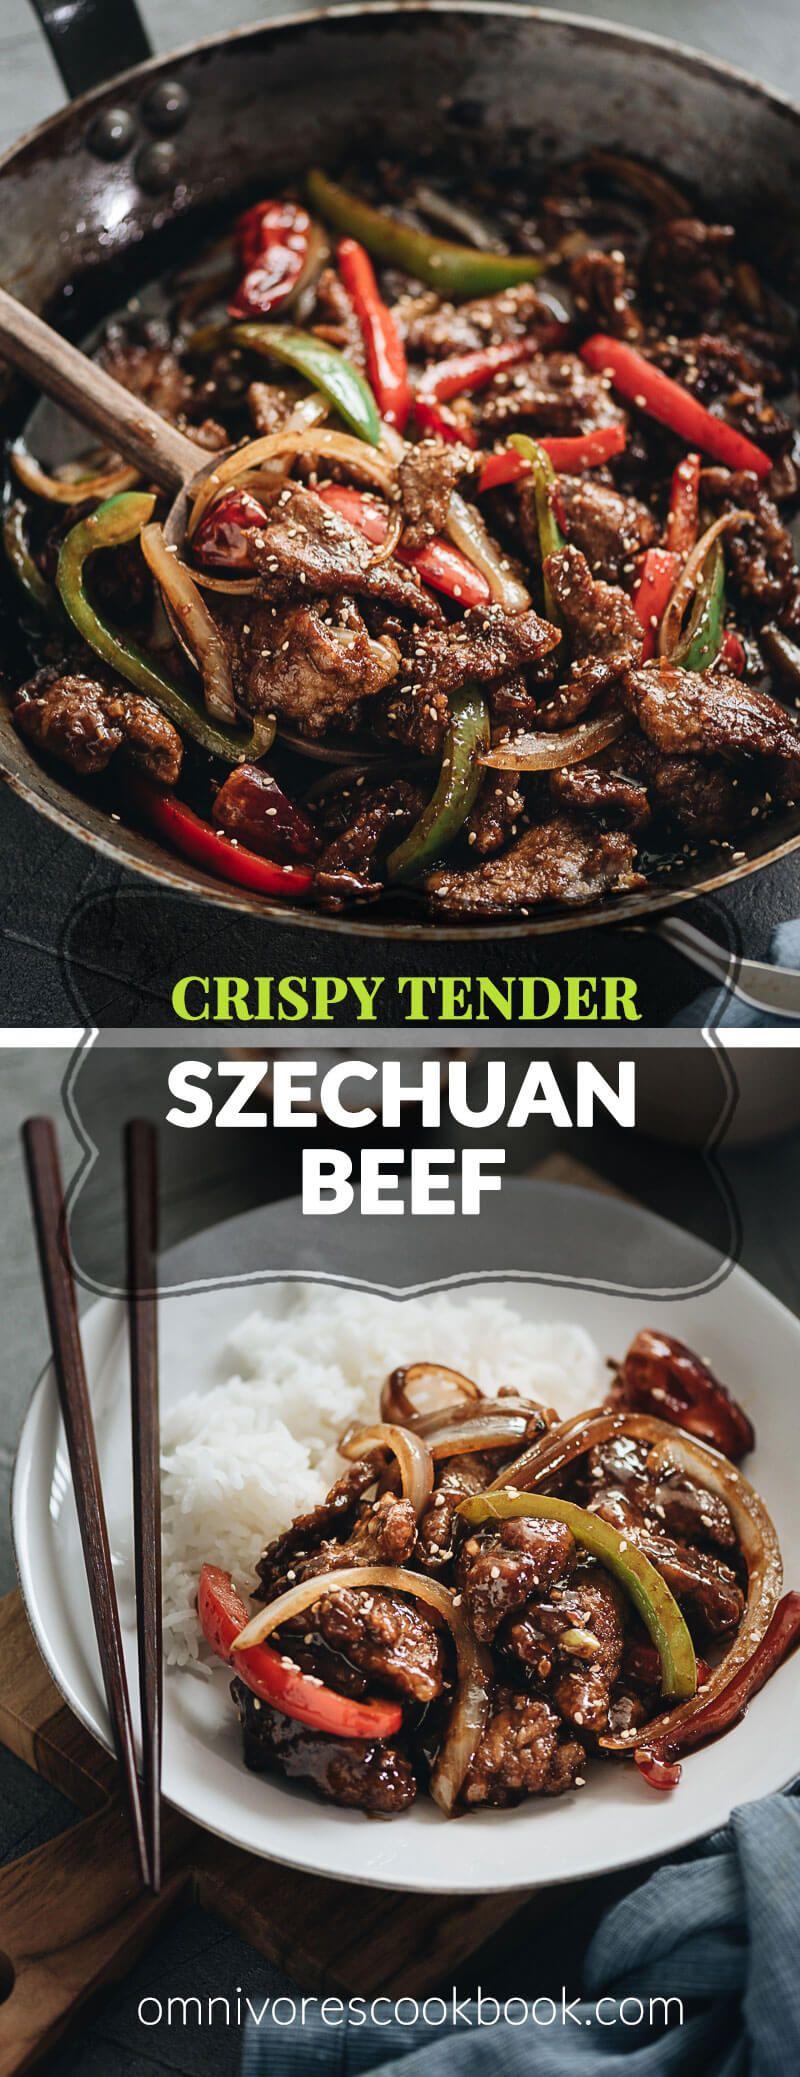 Real-Deal Szechuan Beef Stir Fry